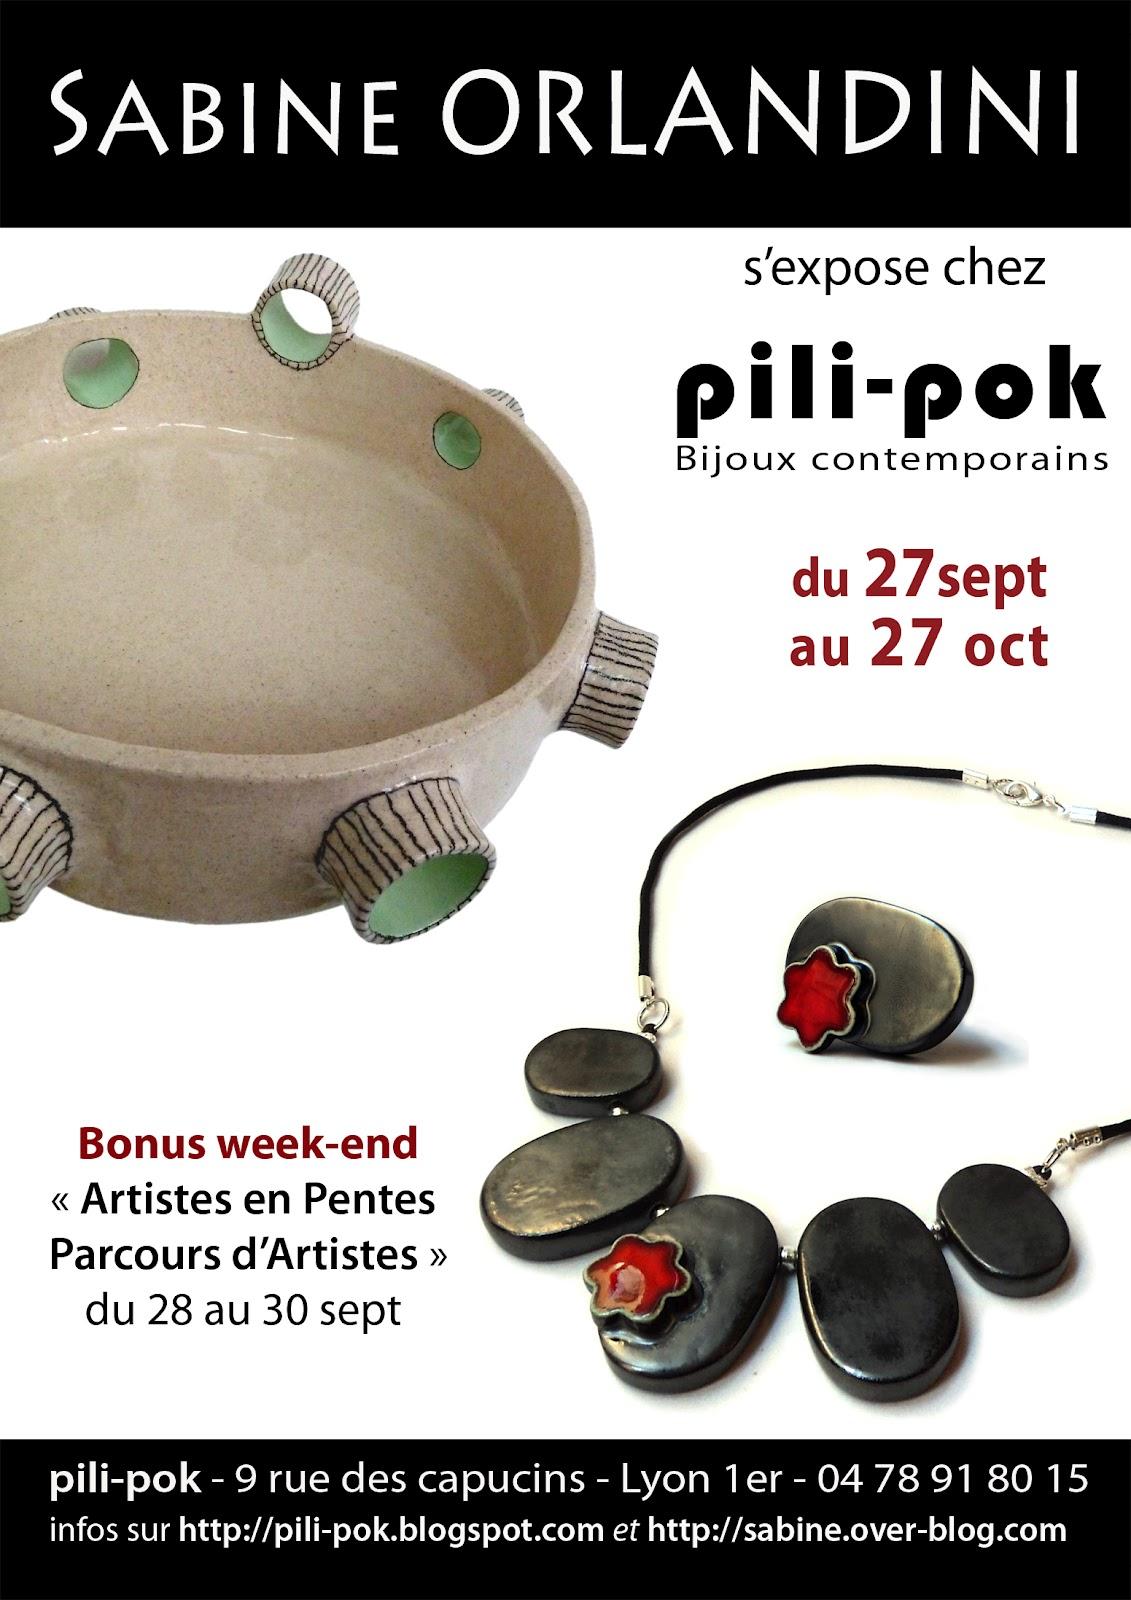 pili pok bijoux contemporains de cr ateur en c ramique lyon septembre 2012. Black Bedroom Furniture Sets. Home Design Ideas